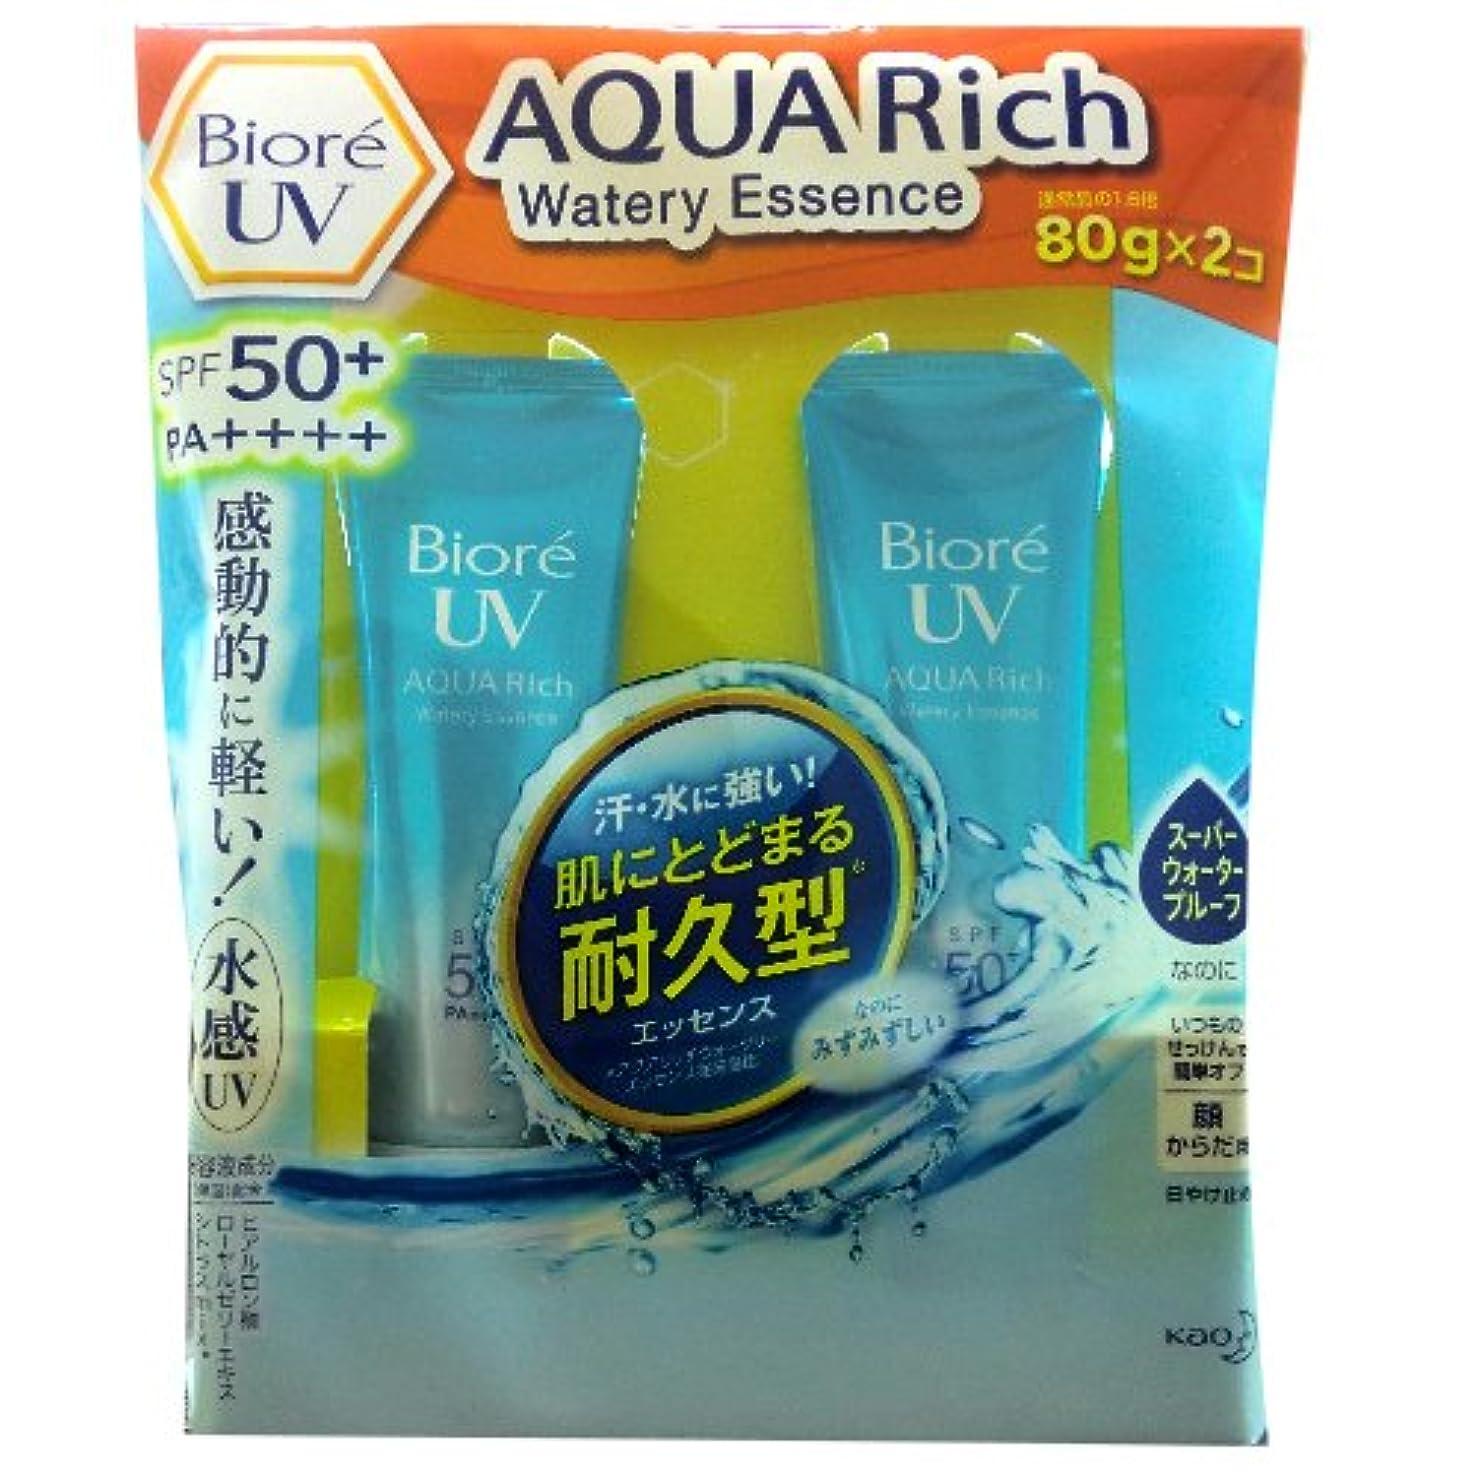 カメナット近代化Biore UV AQUA Rich Watery Essence 80g×2コ